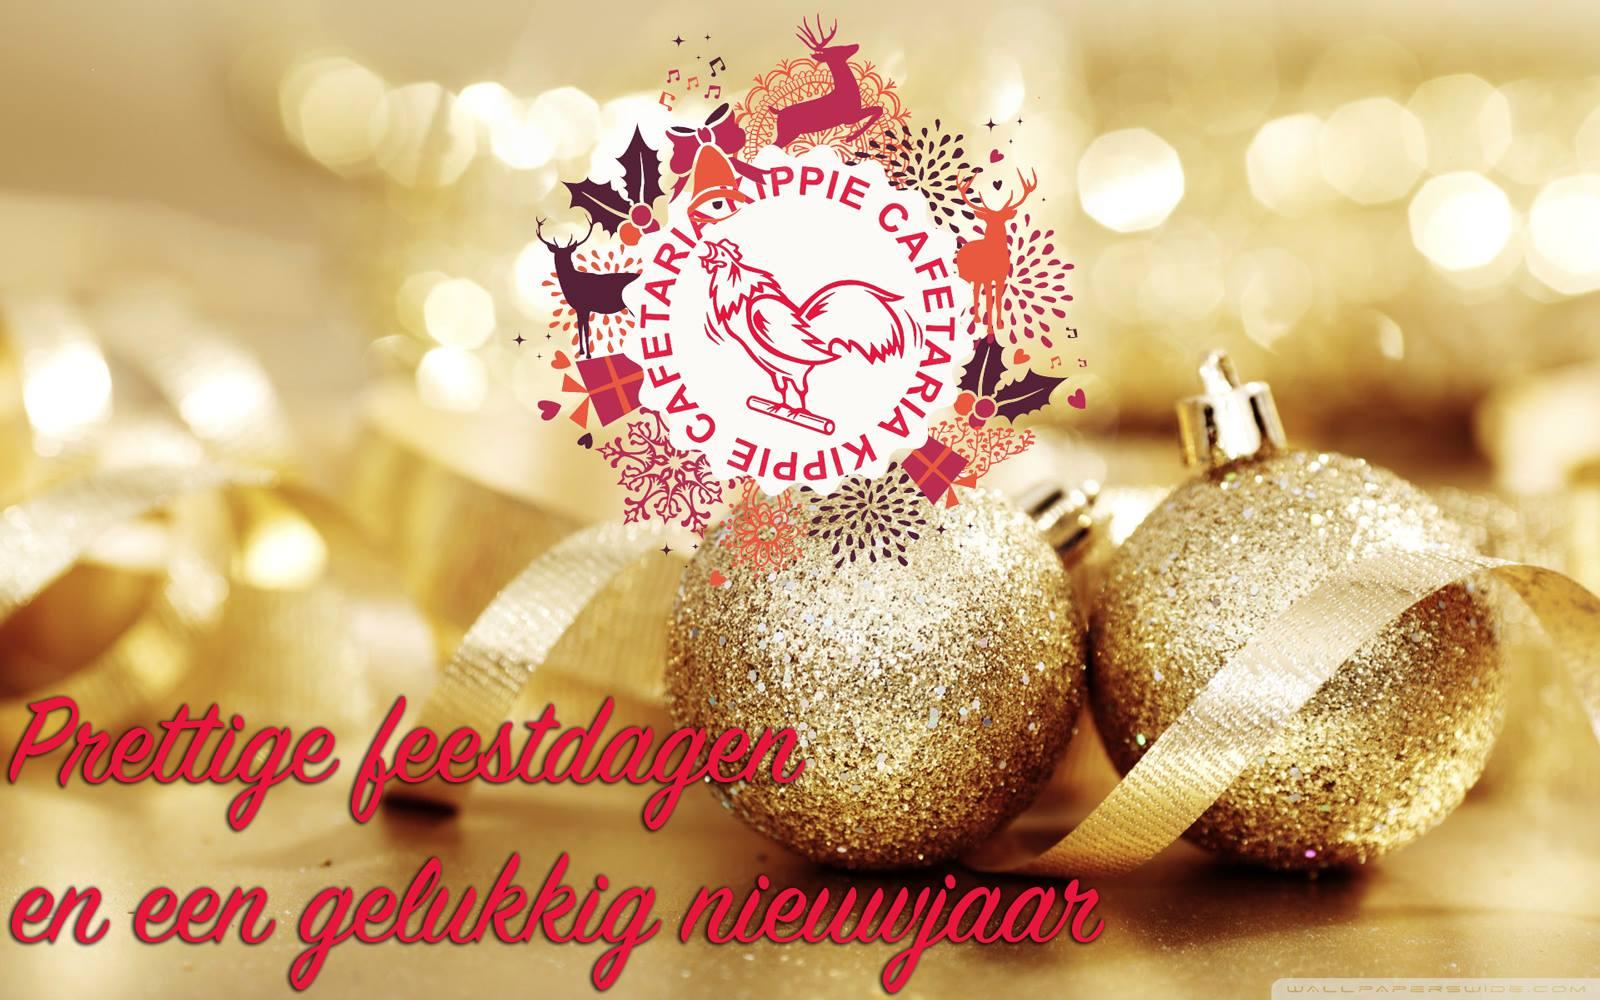 Prettige feestdagen en een gelukkig nieuwjaar!